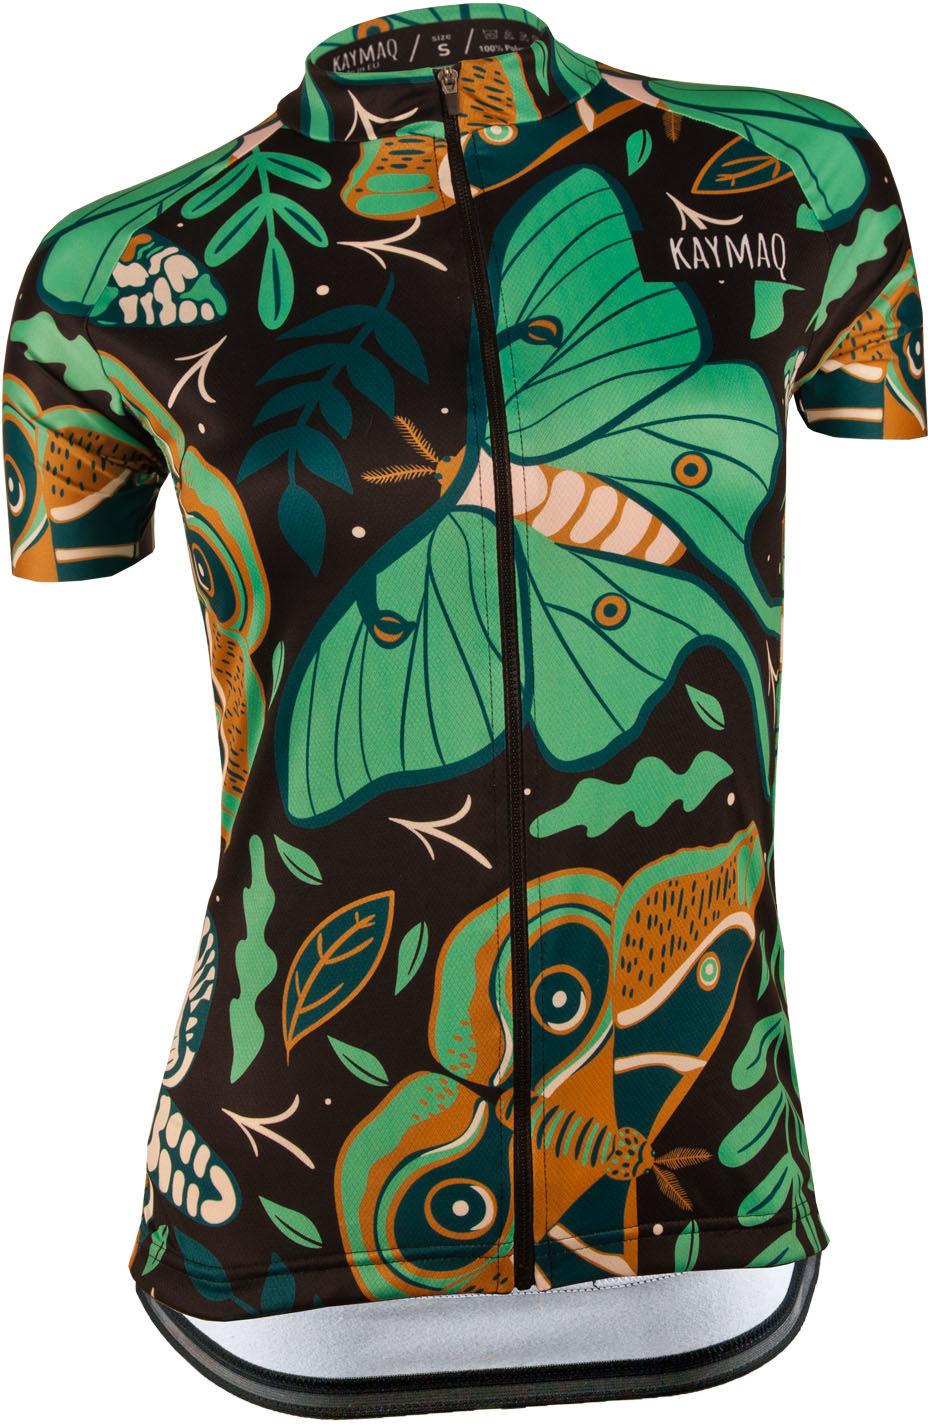 KAYMAQ DESIGN W16 damska koszulka rowerowa krótki rękaw Rozmiar: S,KYMQ-W16-KOSZ